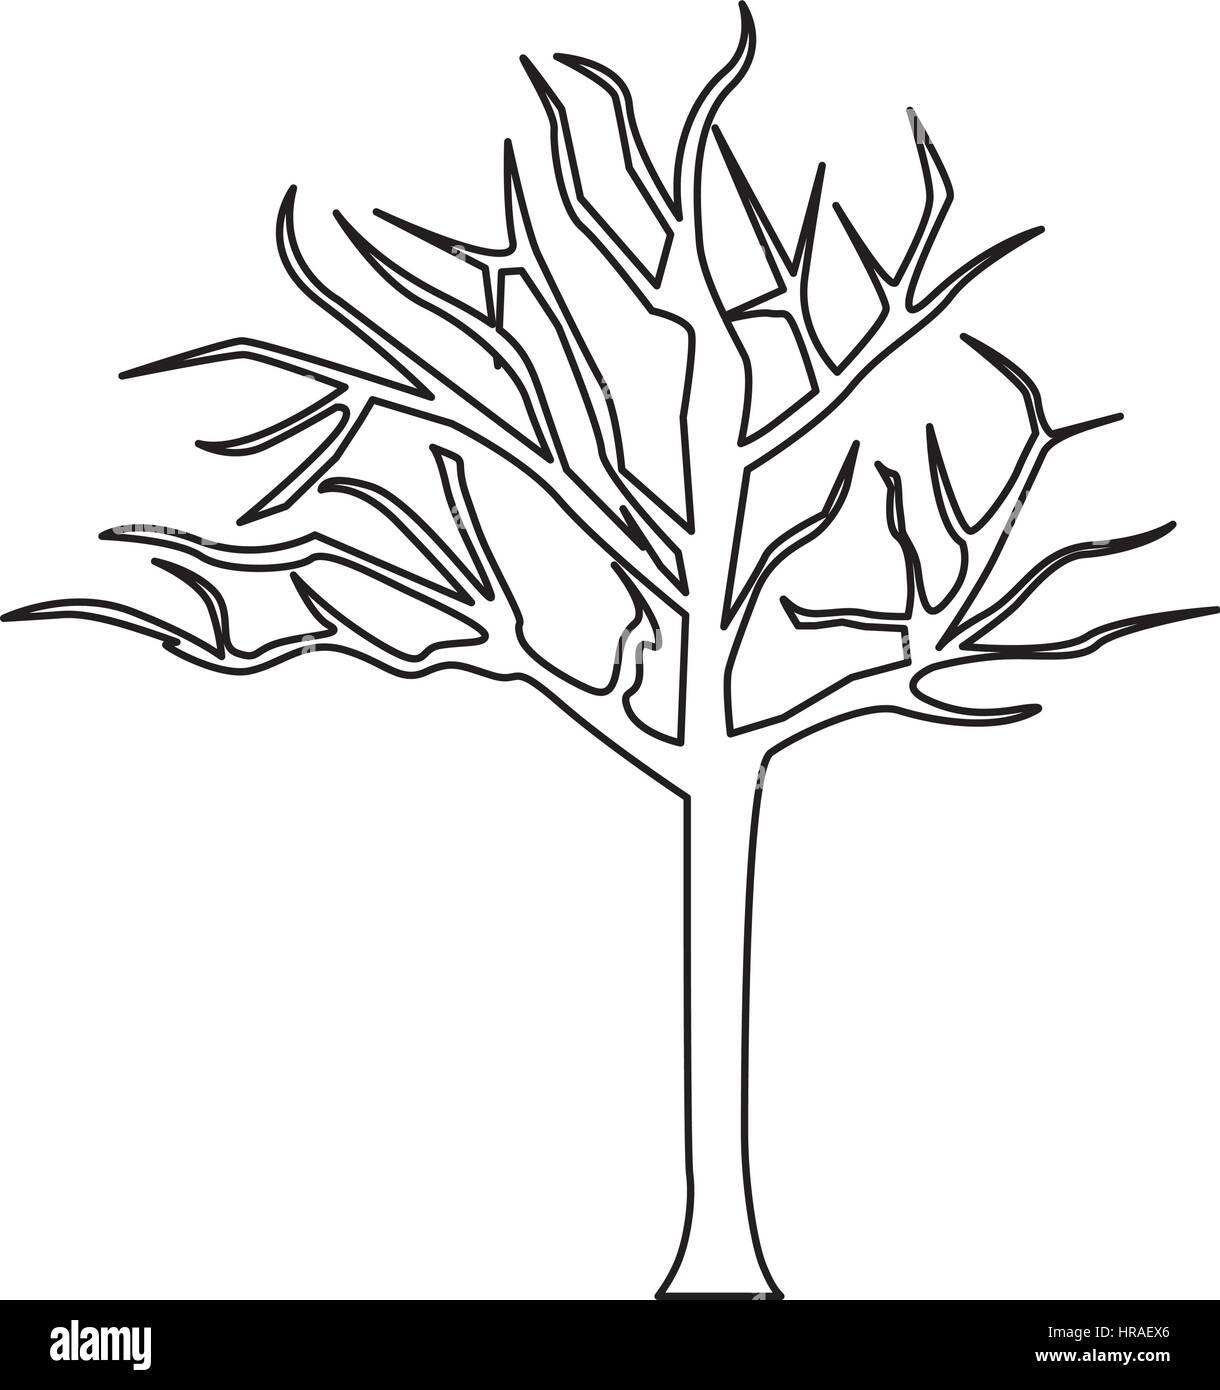 Silueta con ramas de rbol sin hojas ilustraci n del for Arboles de hoja perenne sin fruto